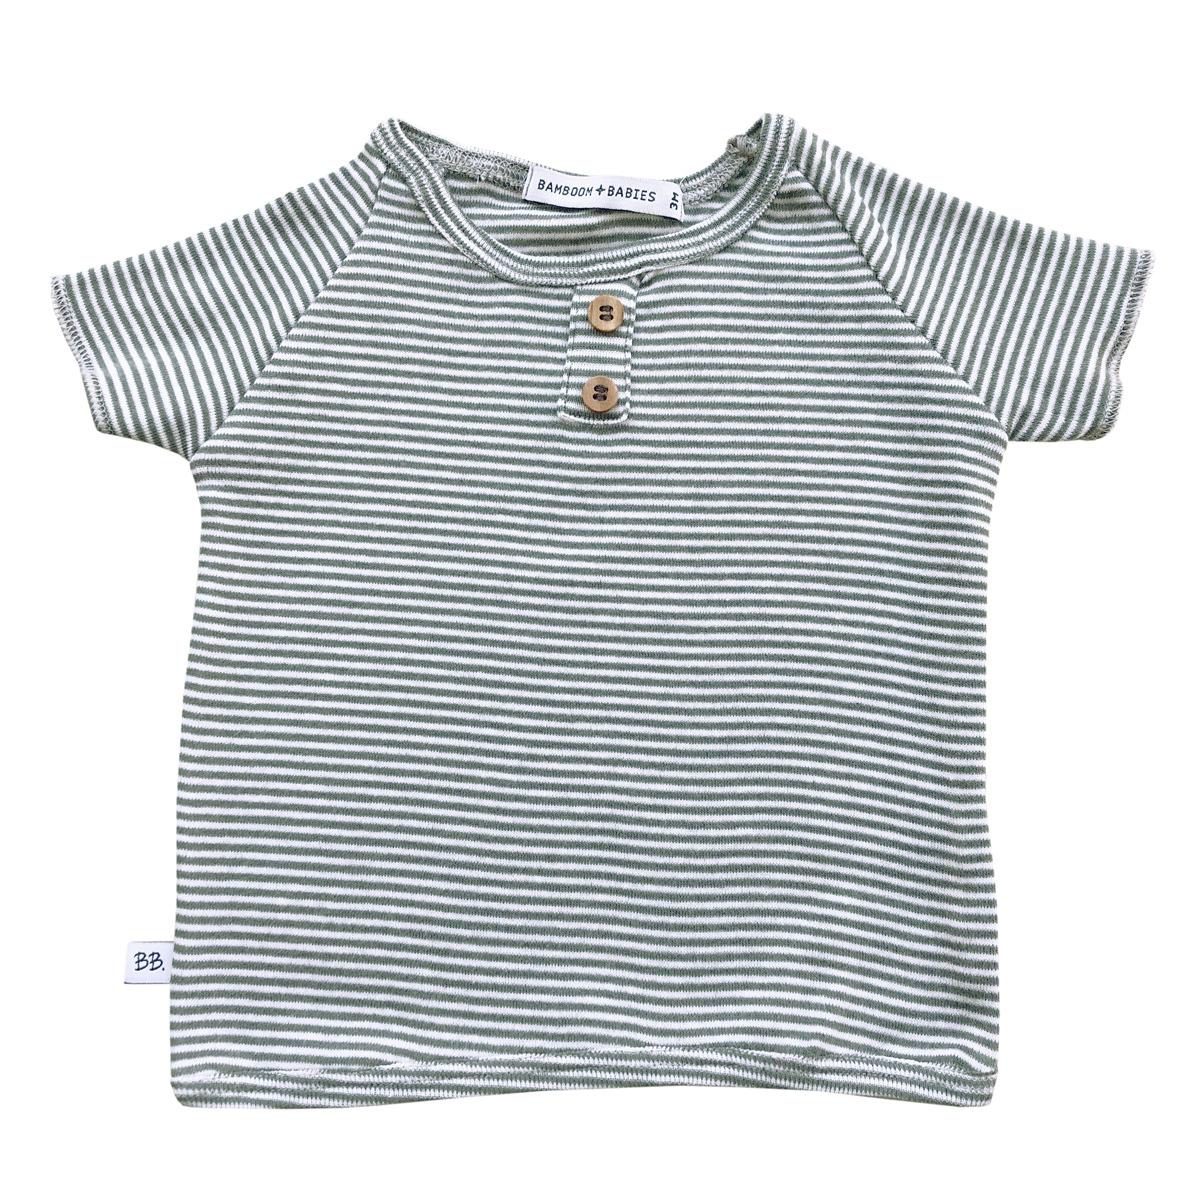 Haut bébé Tee-Shirt Milleraies Vert - 9/12 Mois Tee-Shirt Milleraies Vert - 9/12 Mois